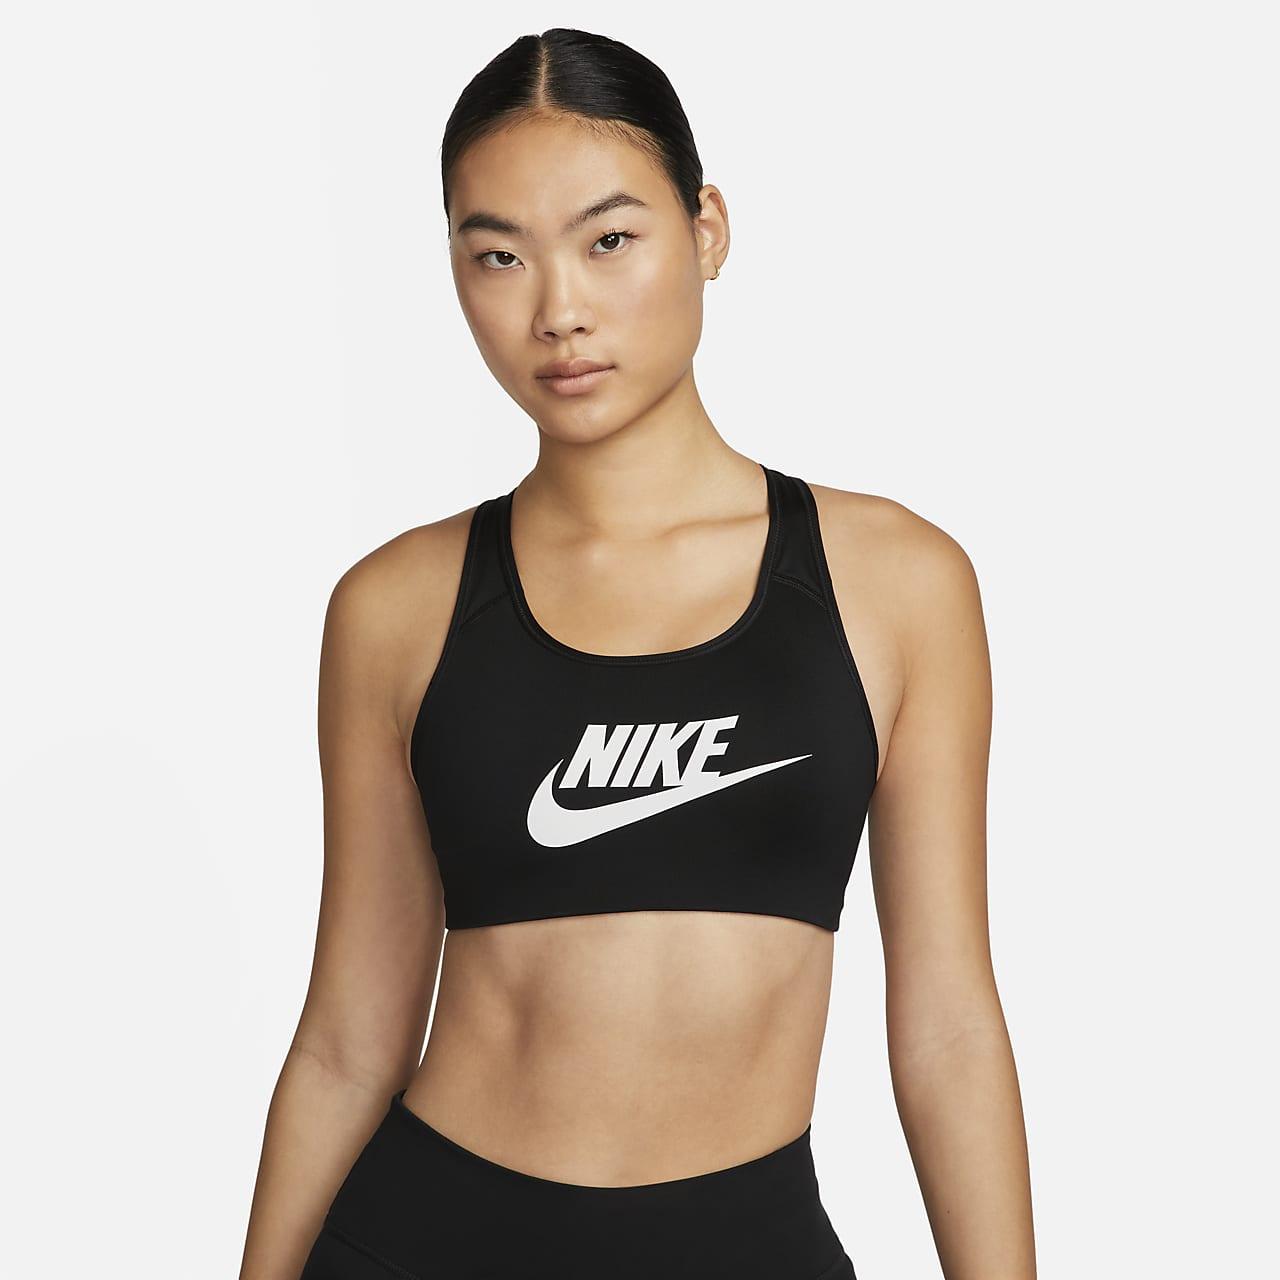 สปอร์ตบราผู้หญิงรองรับปานกลาง Nike Classic Swoosh Futura